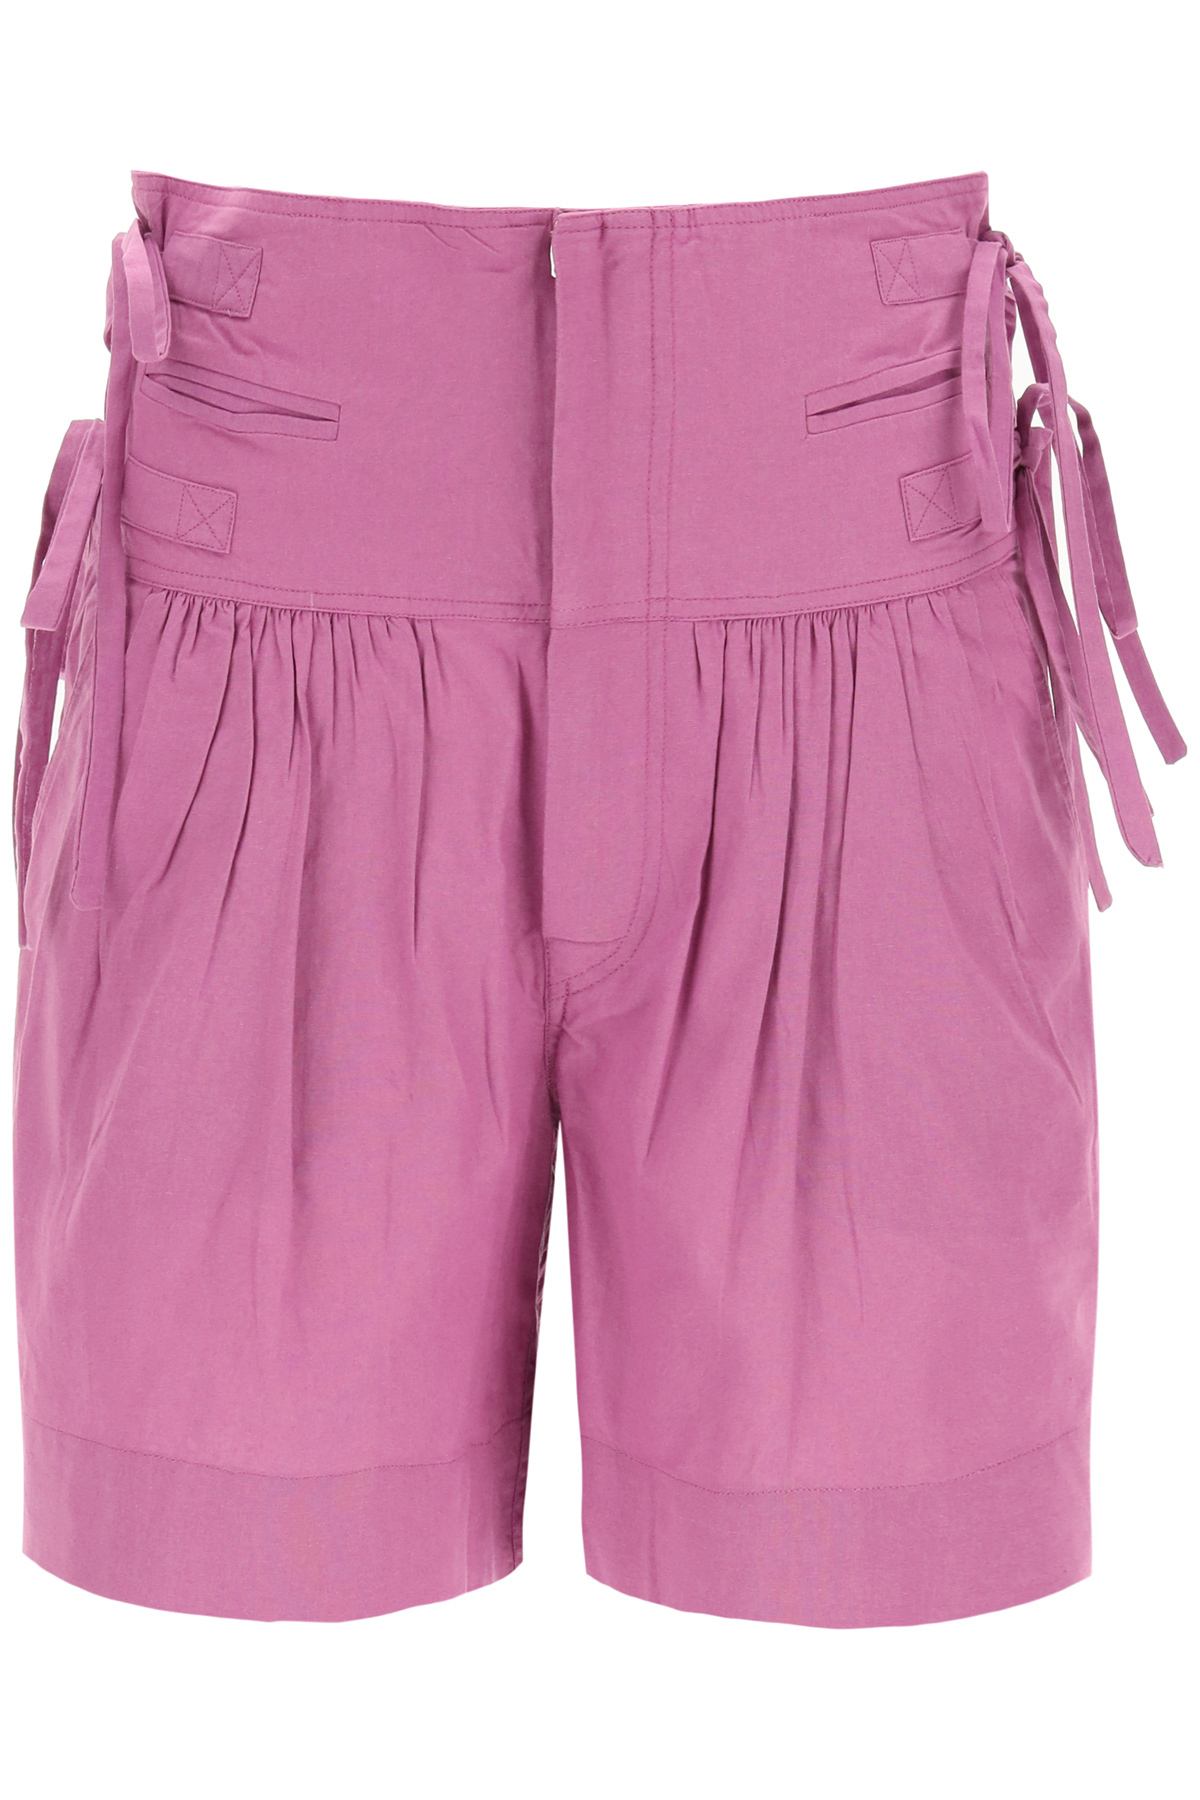 Isabel marant etoile shorts opala in cotone